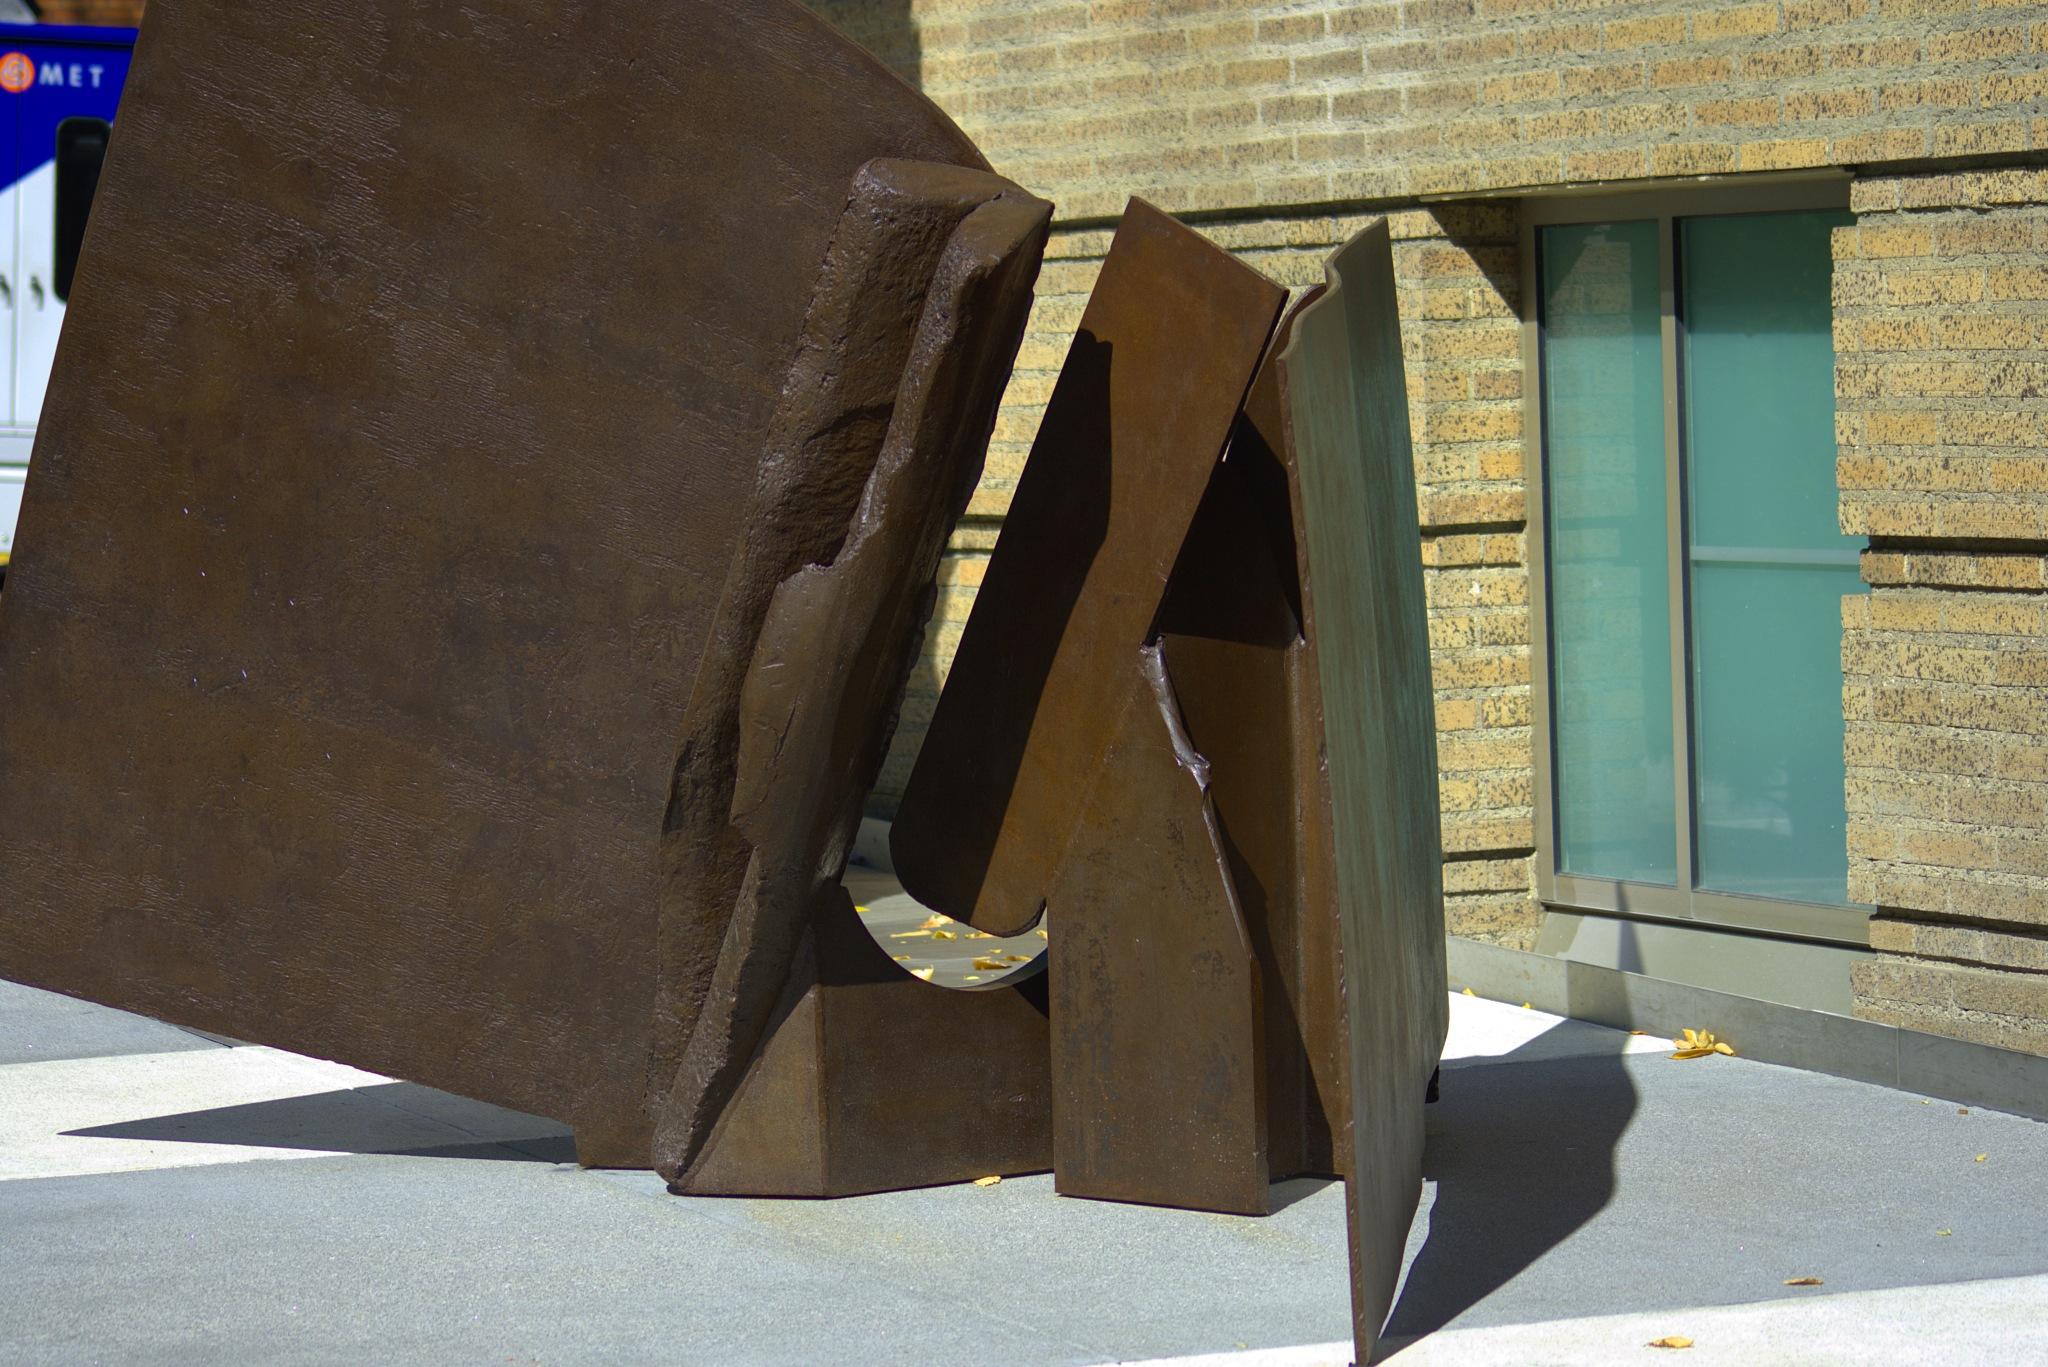 Modern Art by pscottwong